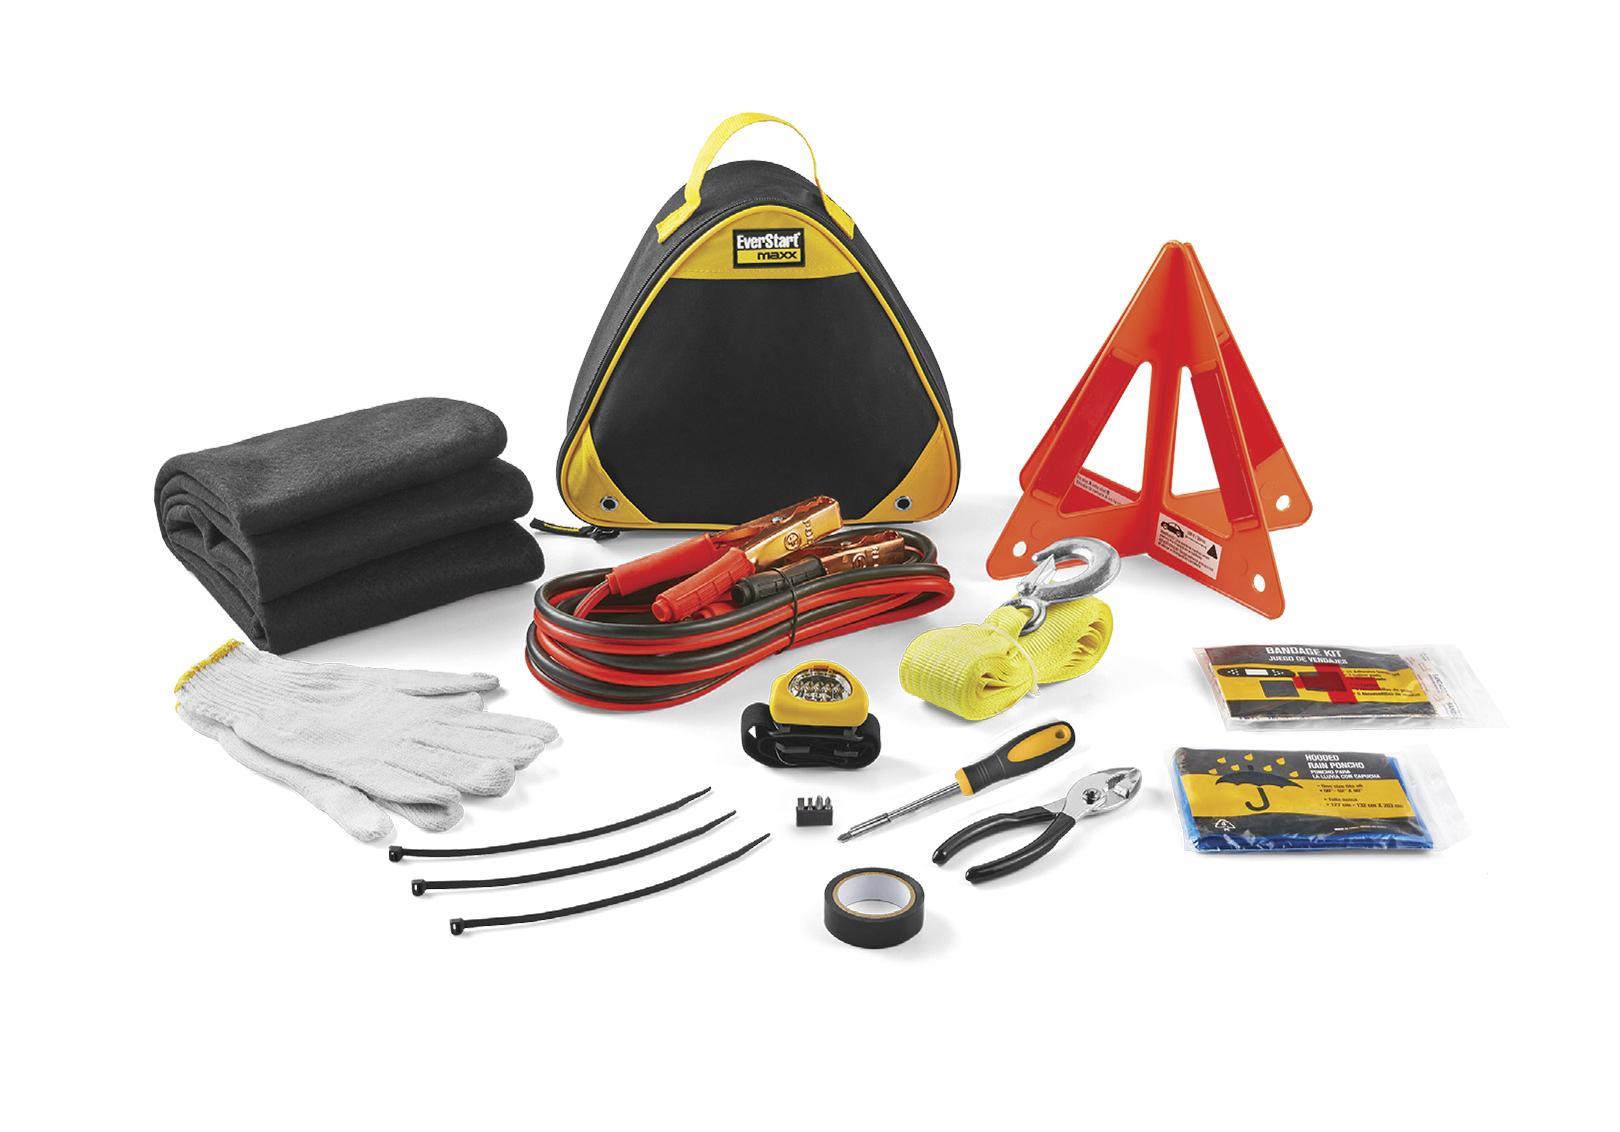 Everstart roadside kit - $5 Walmart - YMMV